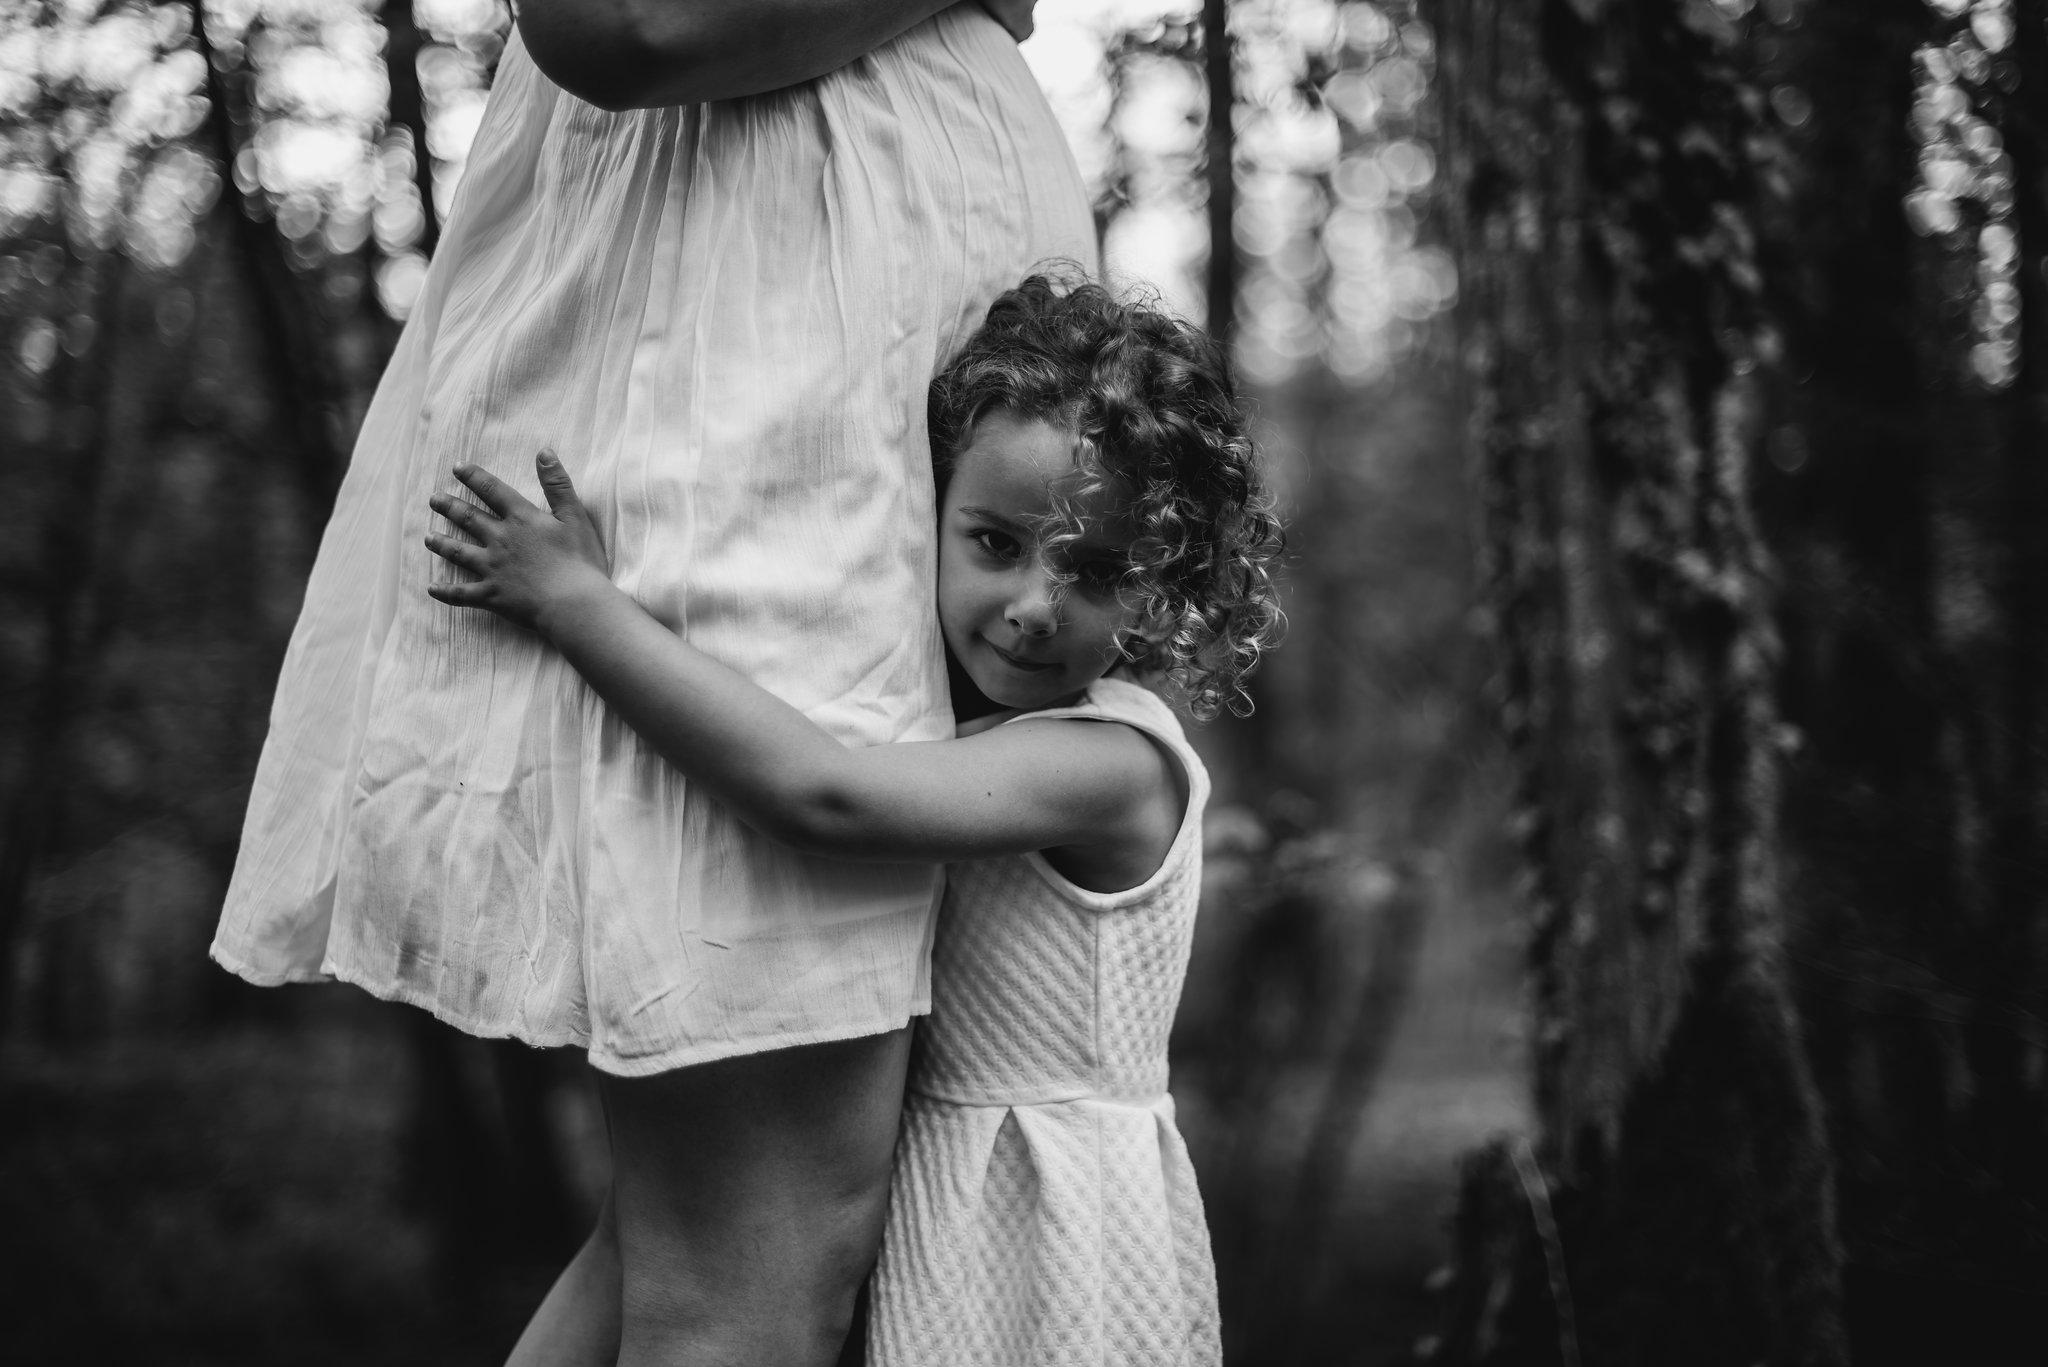 Léa-Fery-photographe-professionnel-lyon-rhone-alpes-portrait-creation-mariage-evenement-evenementiel-famille-7977.jpg